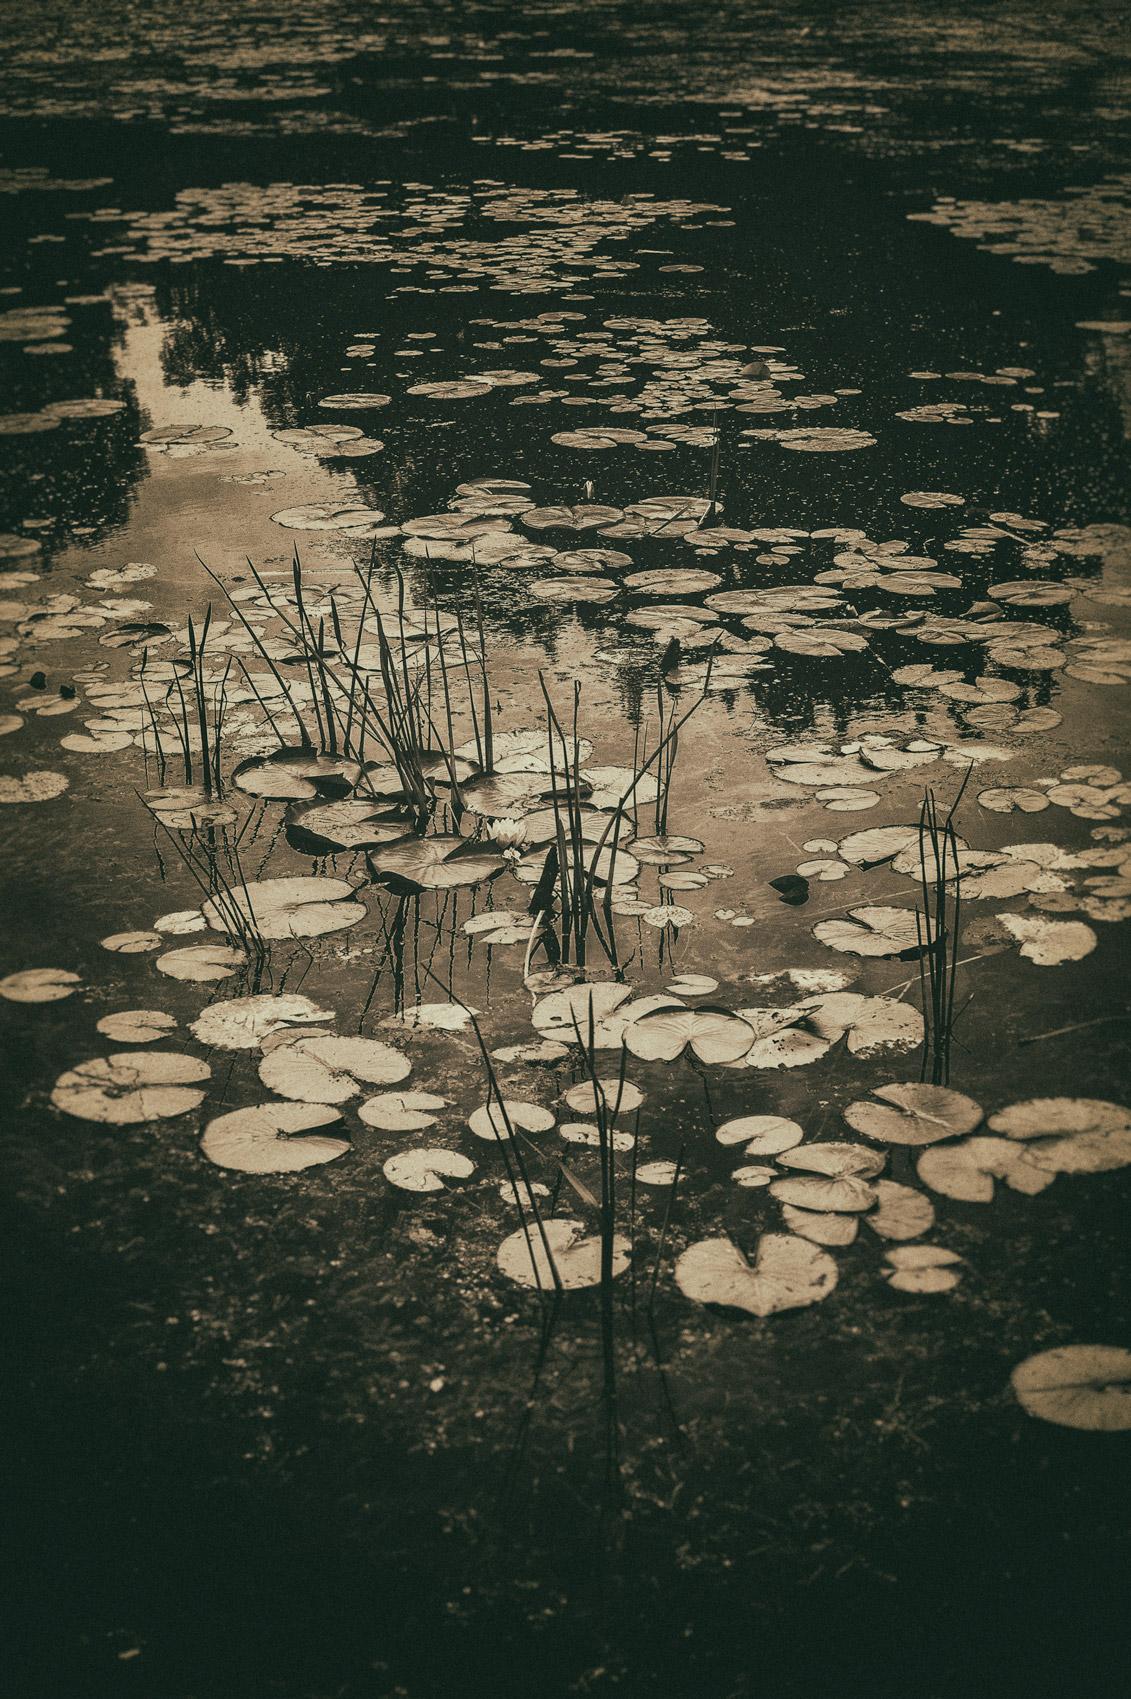 Lagoon